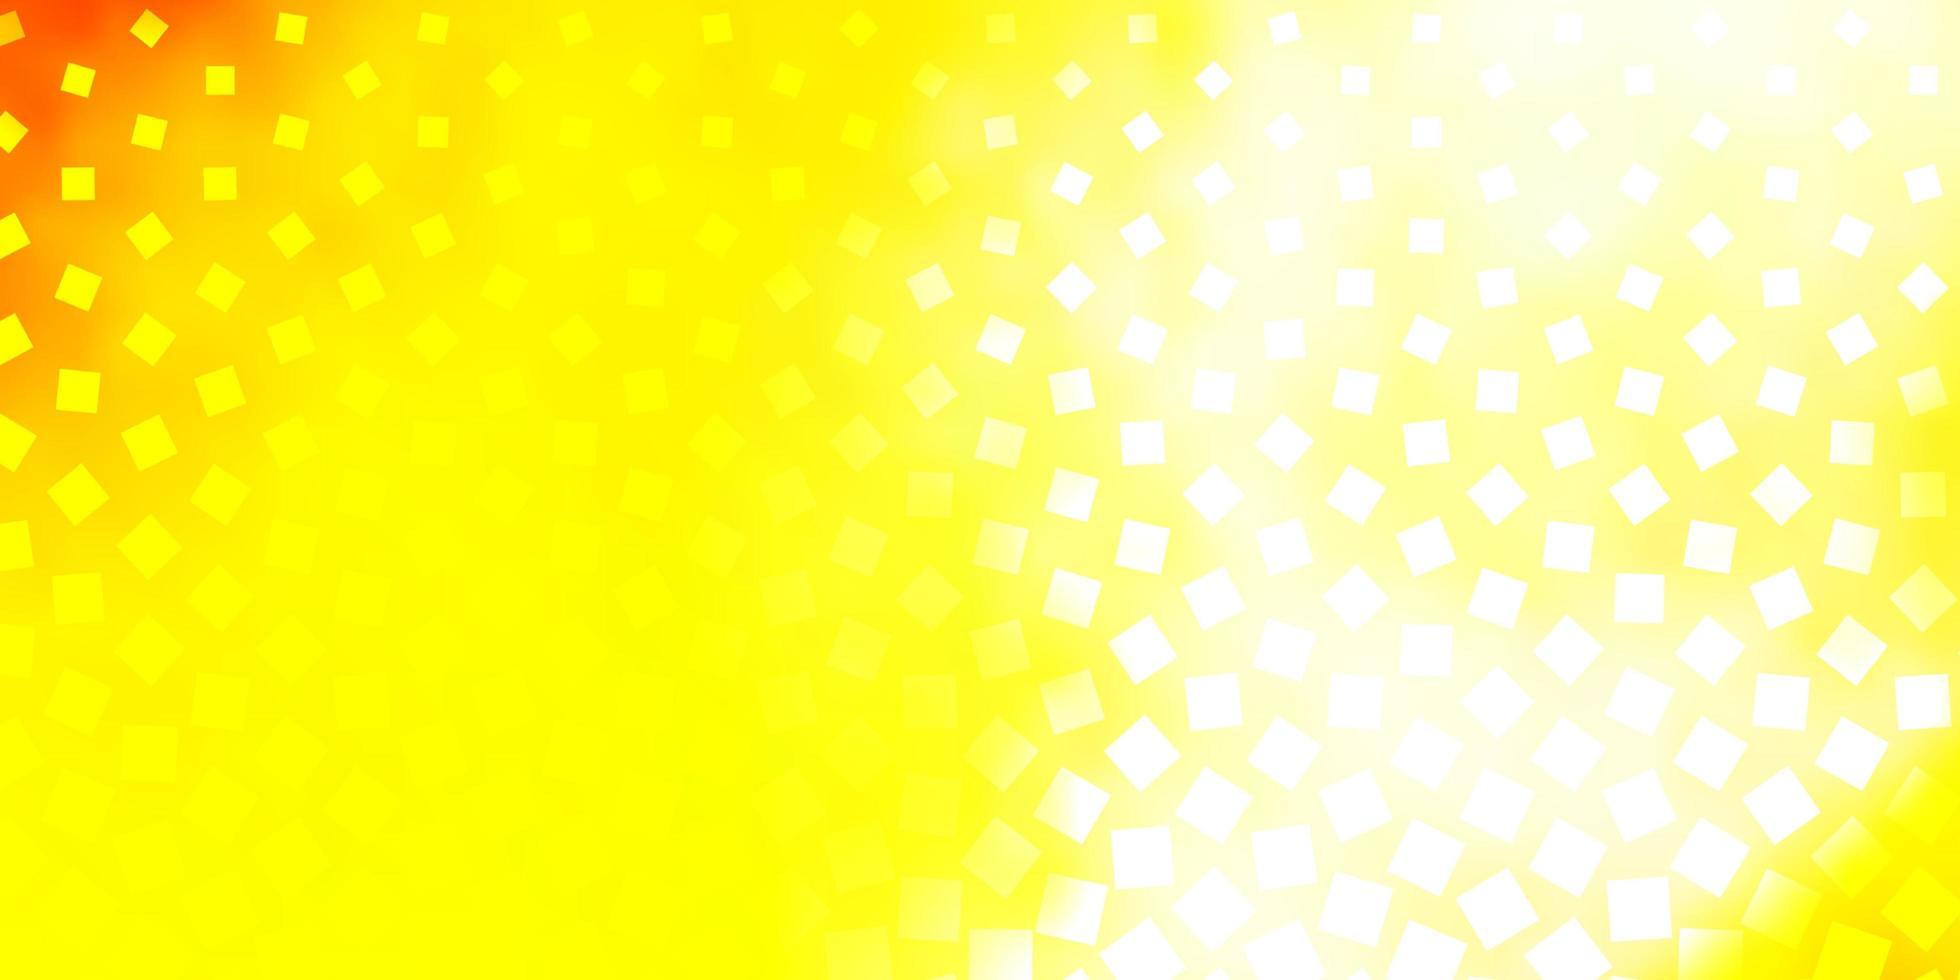 gul bakgrund med rutor. vektor